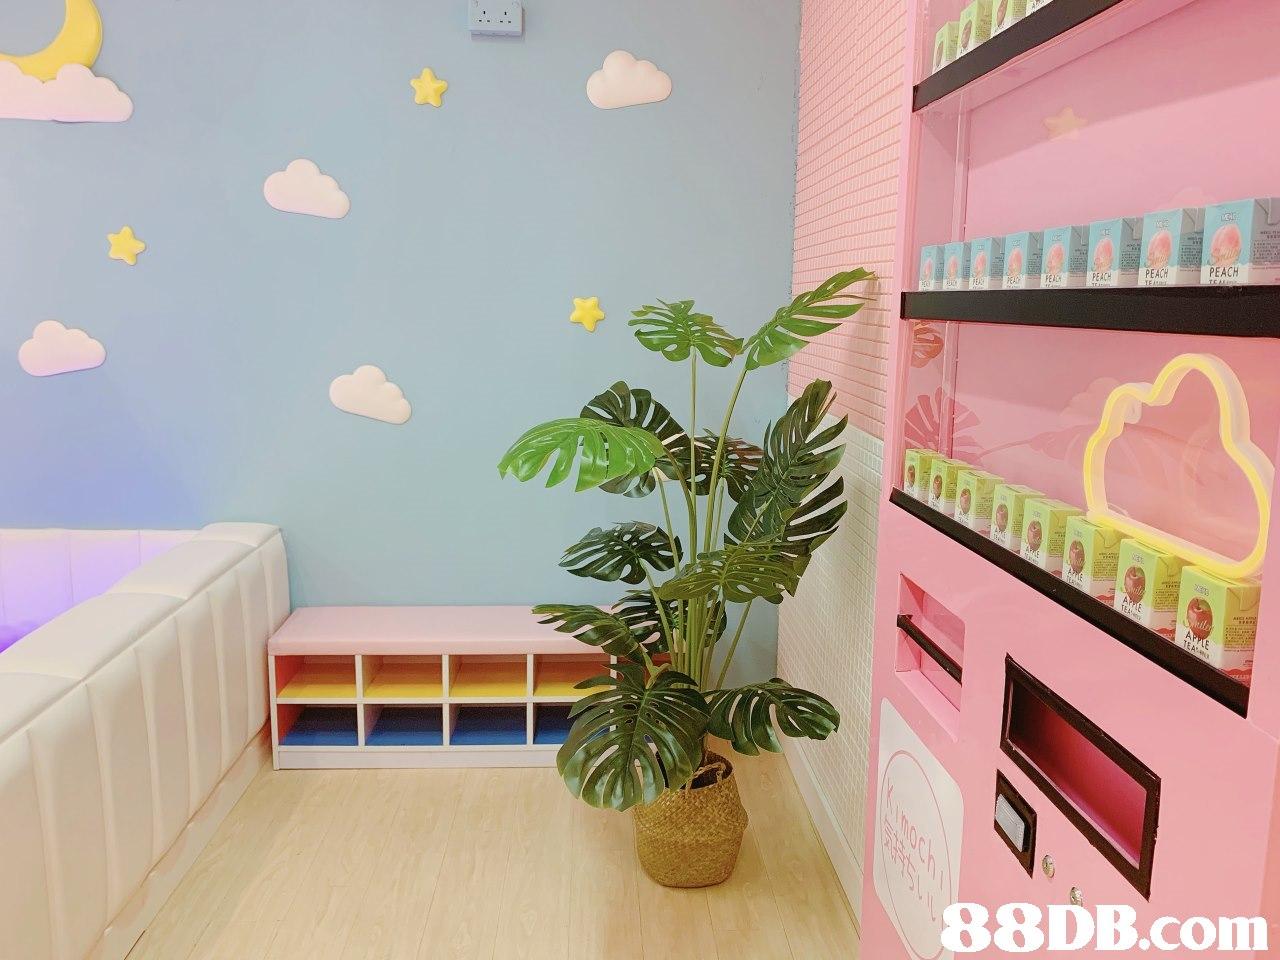 PEACH PEACH PEACH,Wall,Room,Pink,Property,Interior design